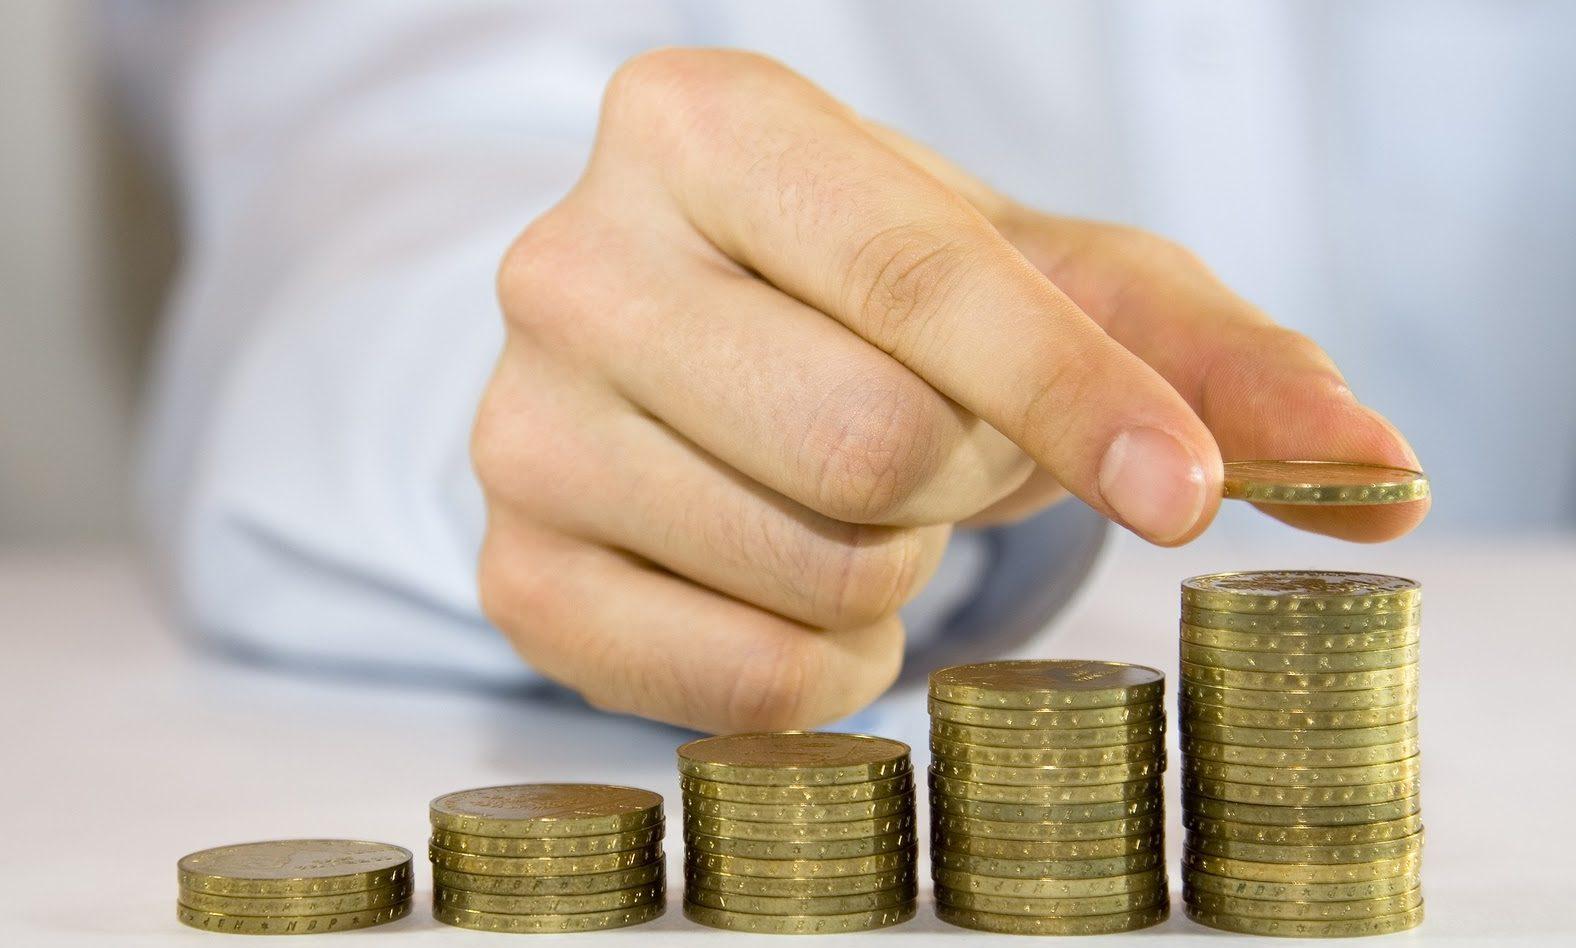 hogyan lehet gyorsan pénzt keresni befektetésekkel